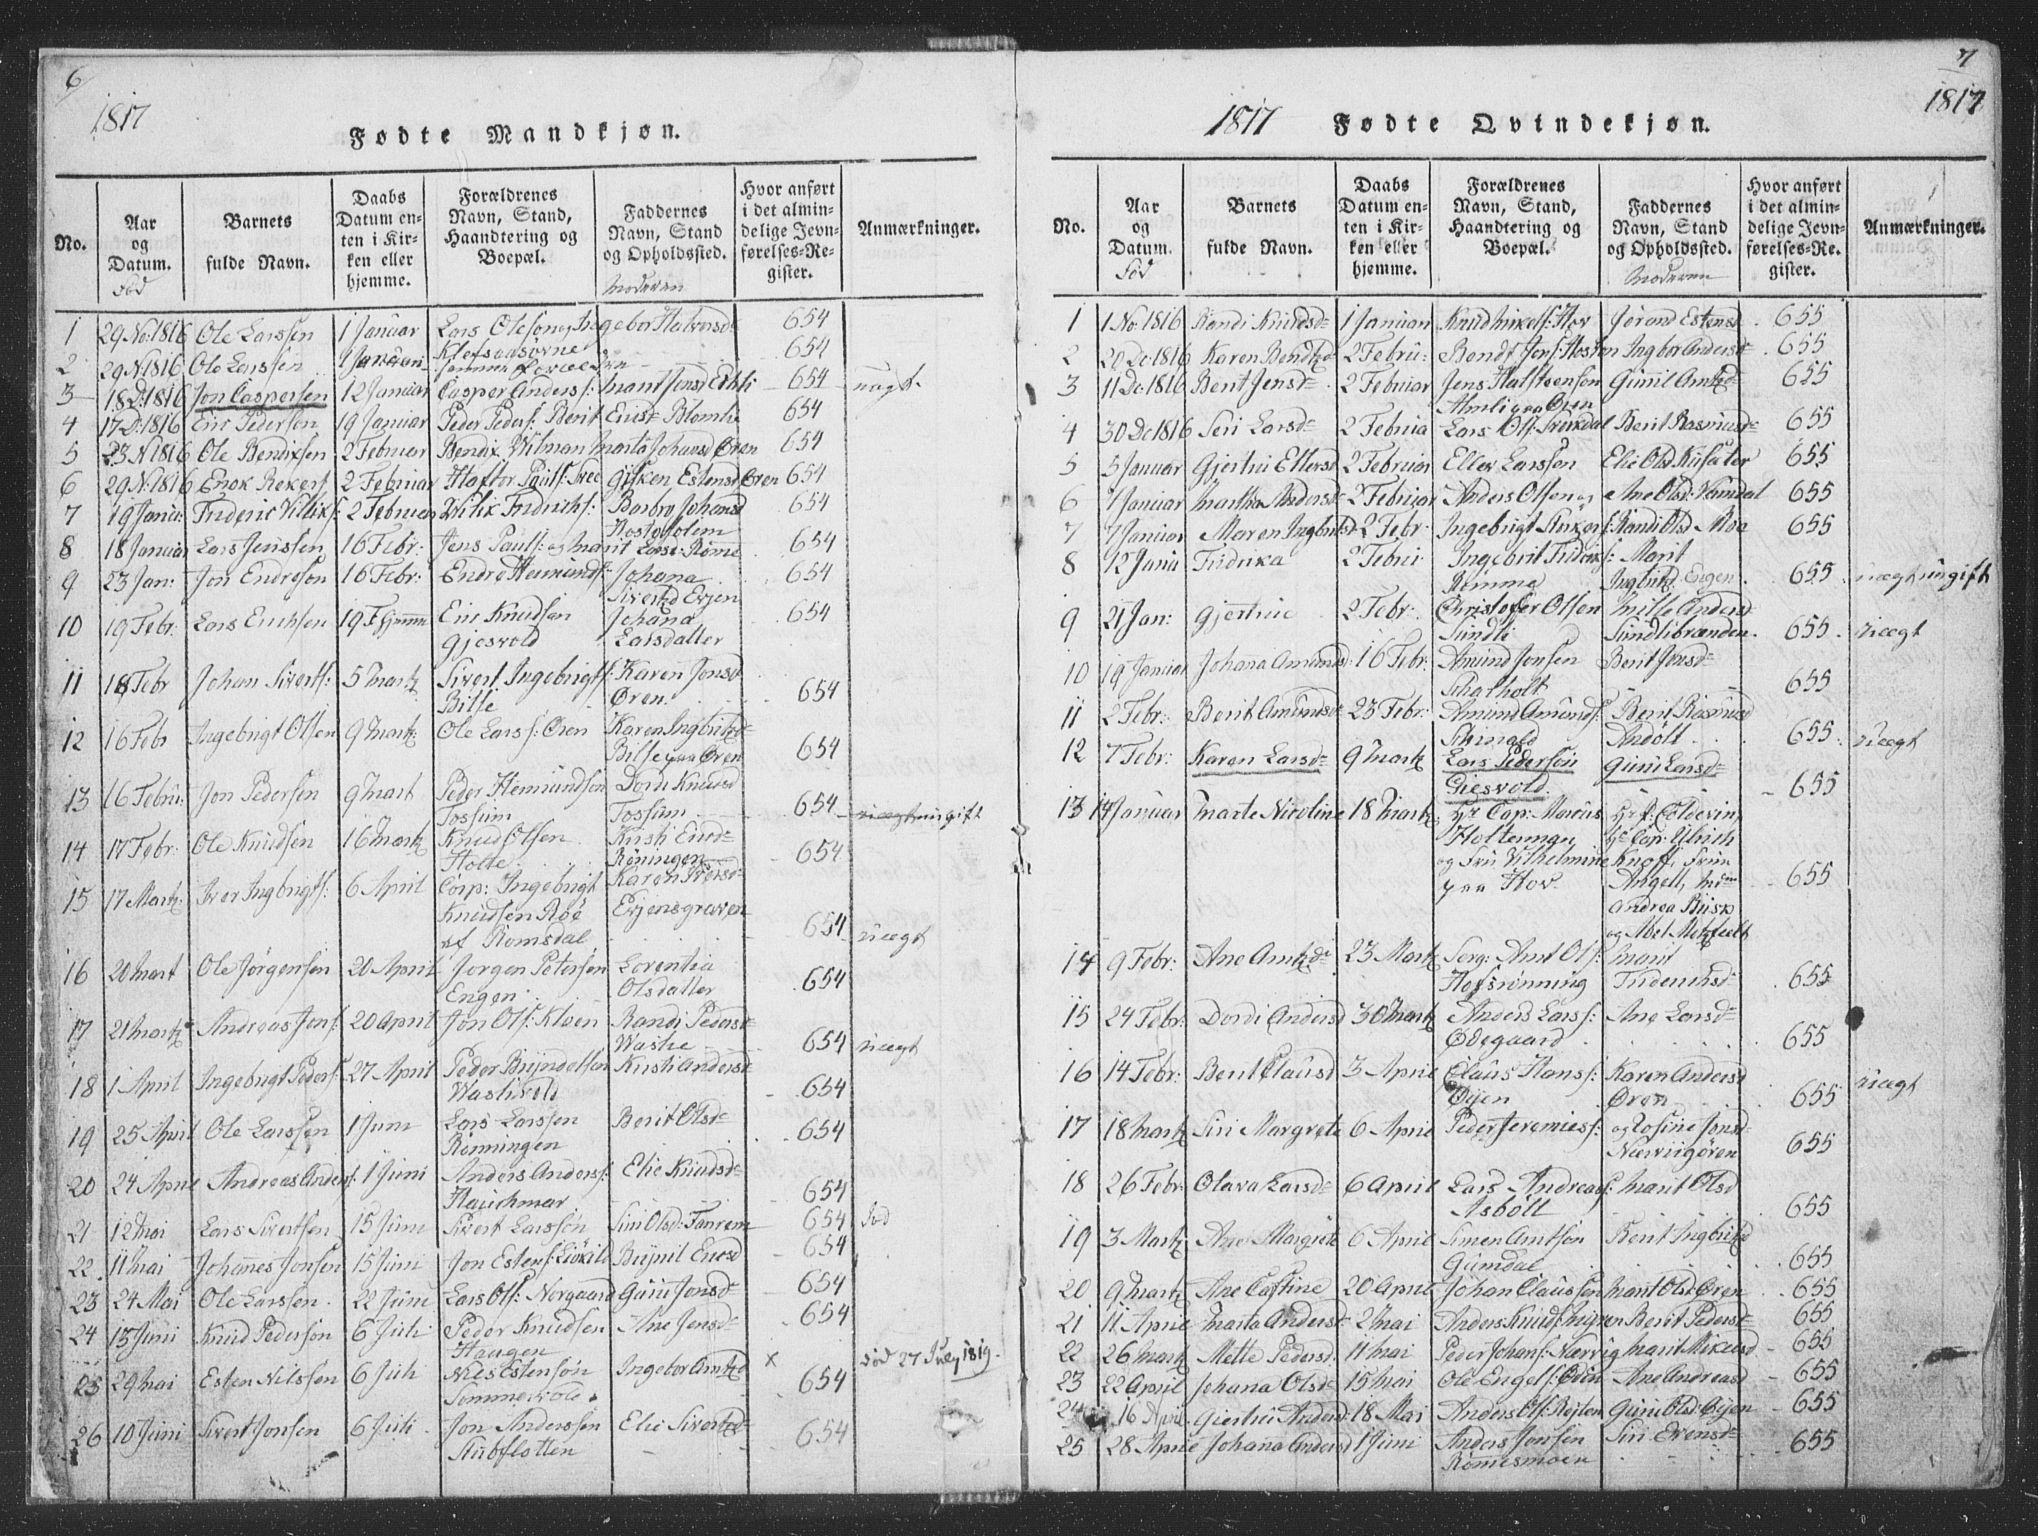 SAT, Ministerialprotokoller, klokkerbøker og fødselsregistre - Sør-Trøndelag, 668/L0816: Klokkerbok nr. 668C05, 1816-1893, s. 6-7